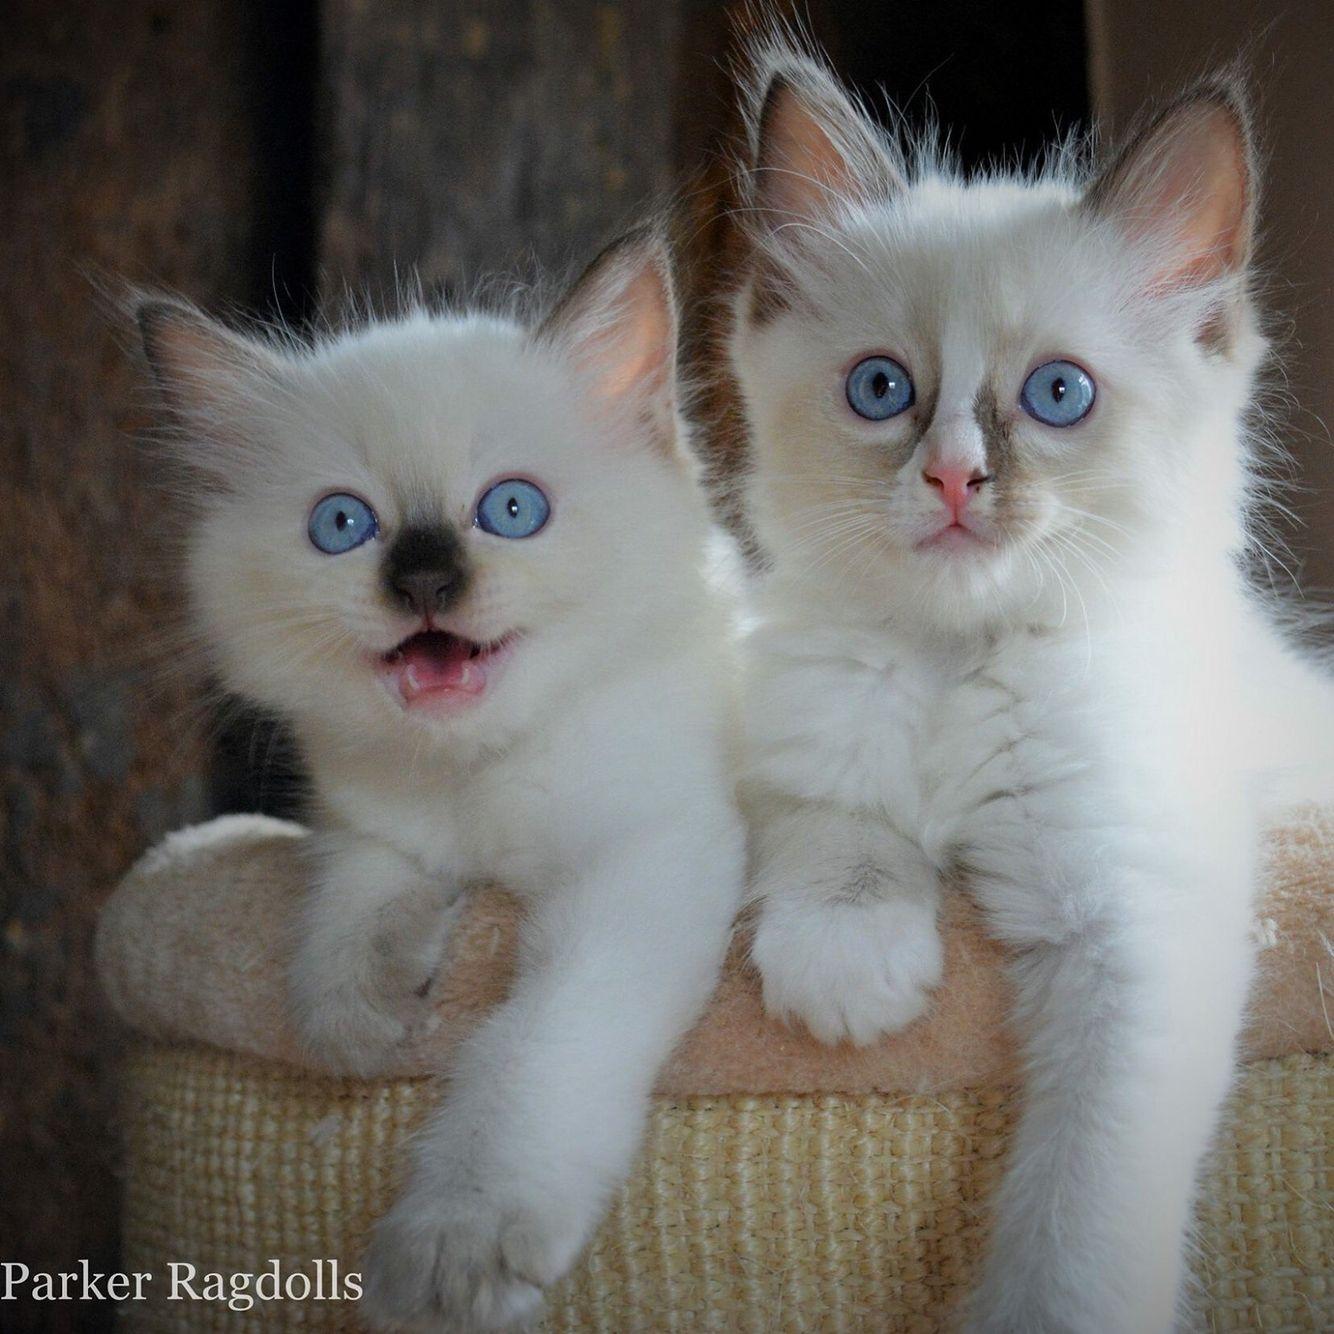 Www Parkerragdolls Co Uk Ragdoll Kittens For Sale In Devon Gorgeous Babies Ragdoll Kittens For Sale Cute Cats Cute Animals